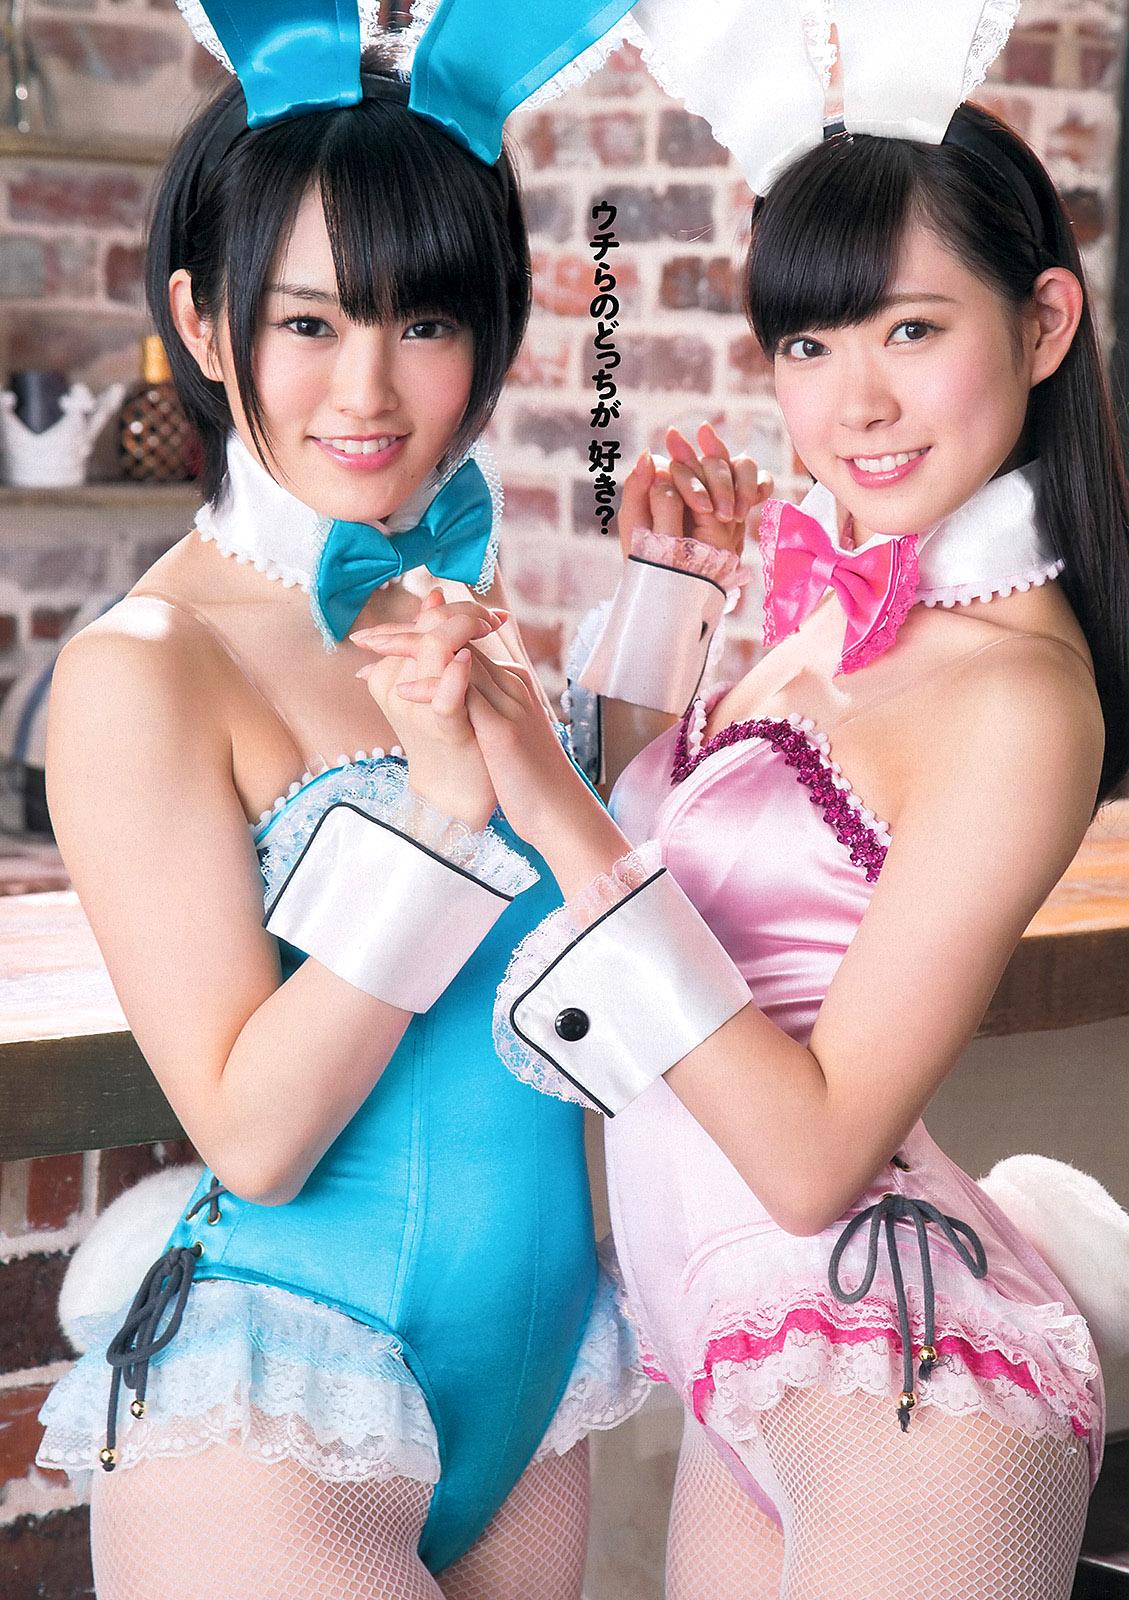 MWatanabe SYamamoto WPB 130325 05.jpg